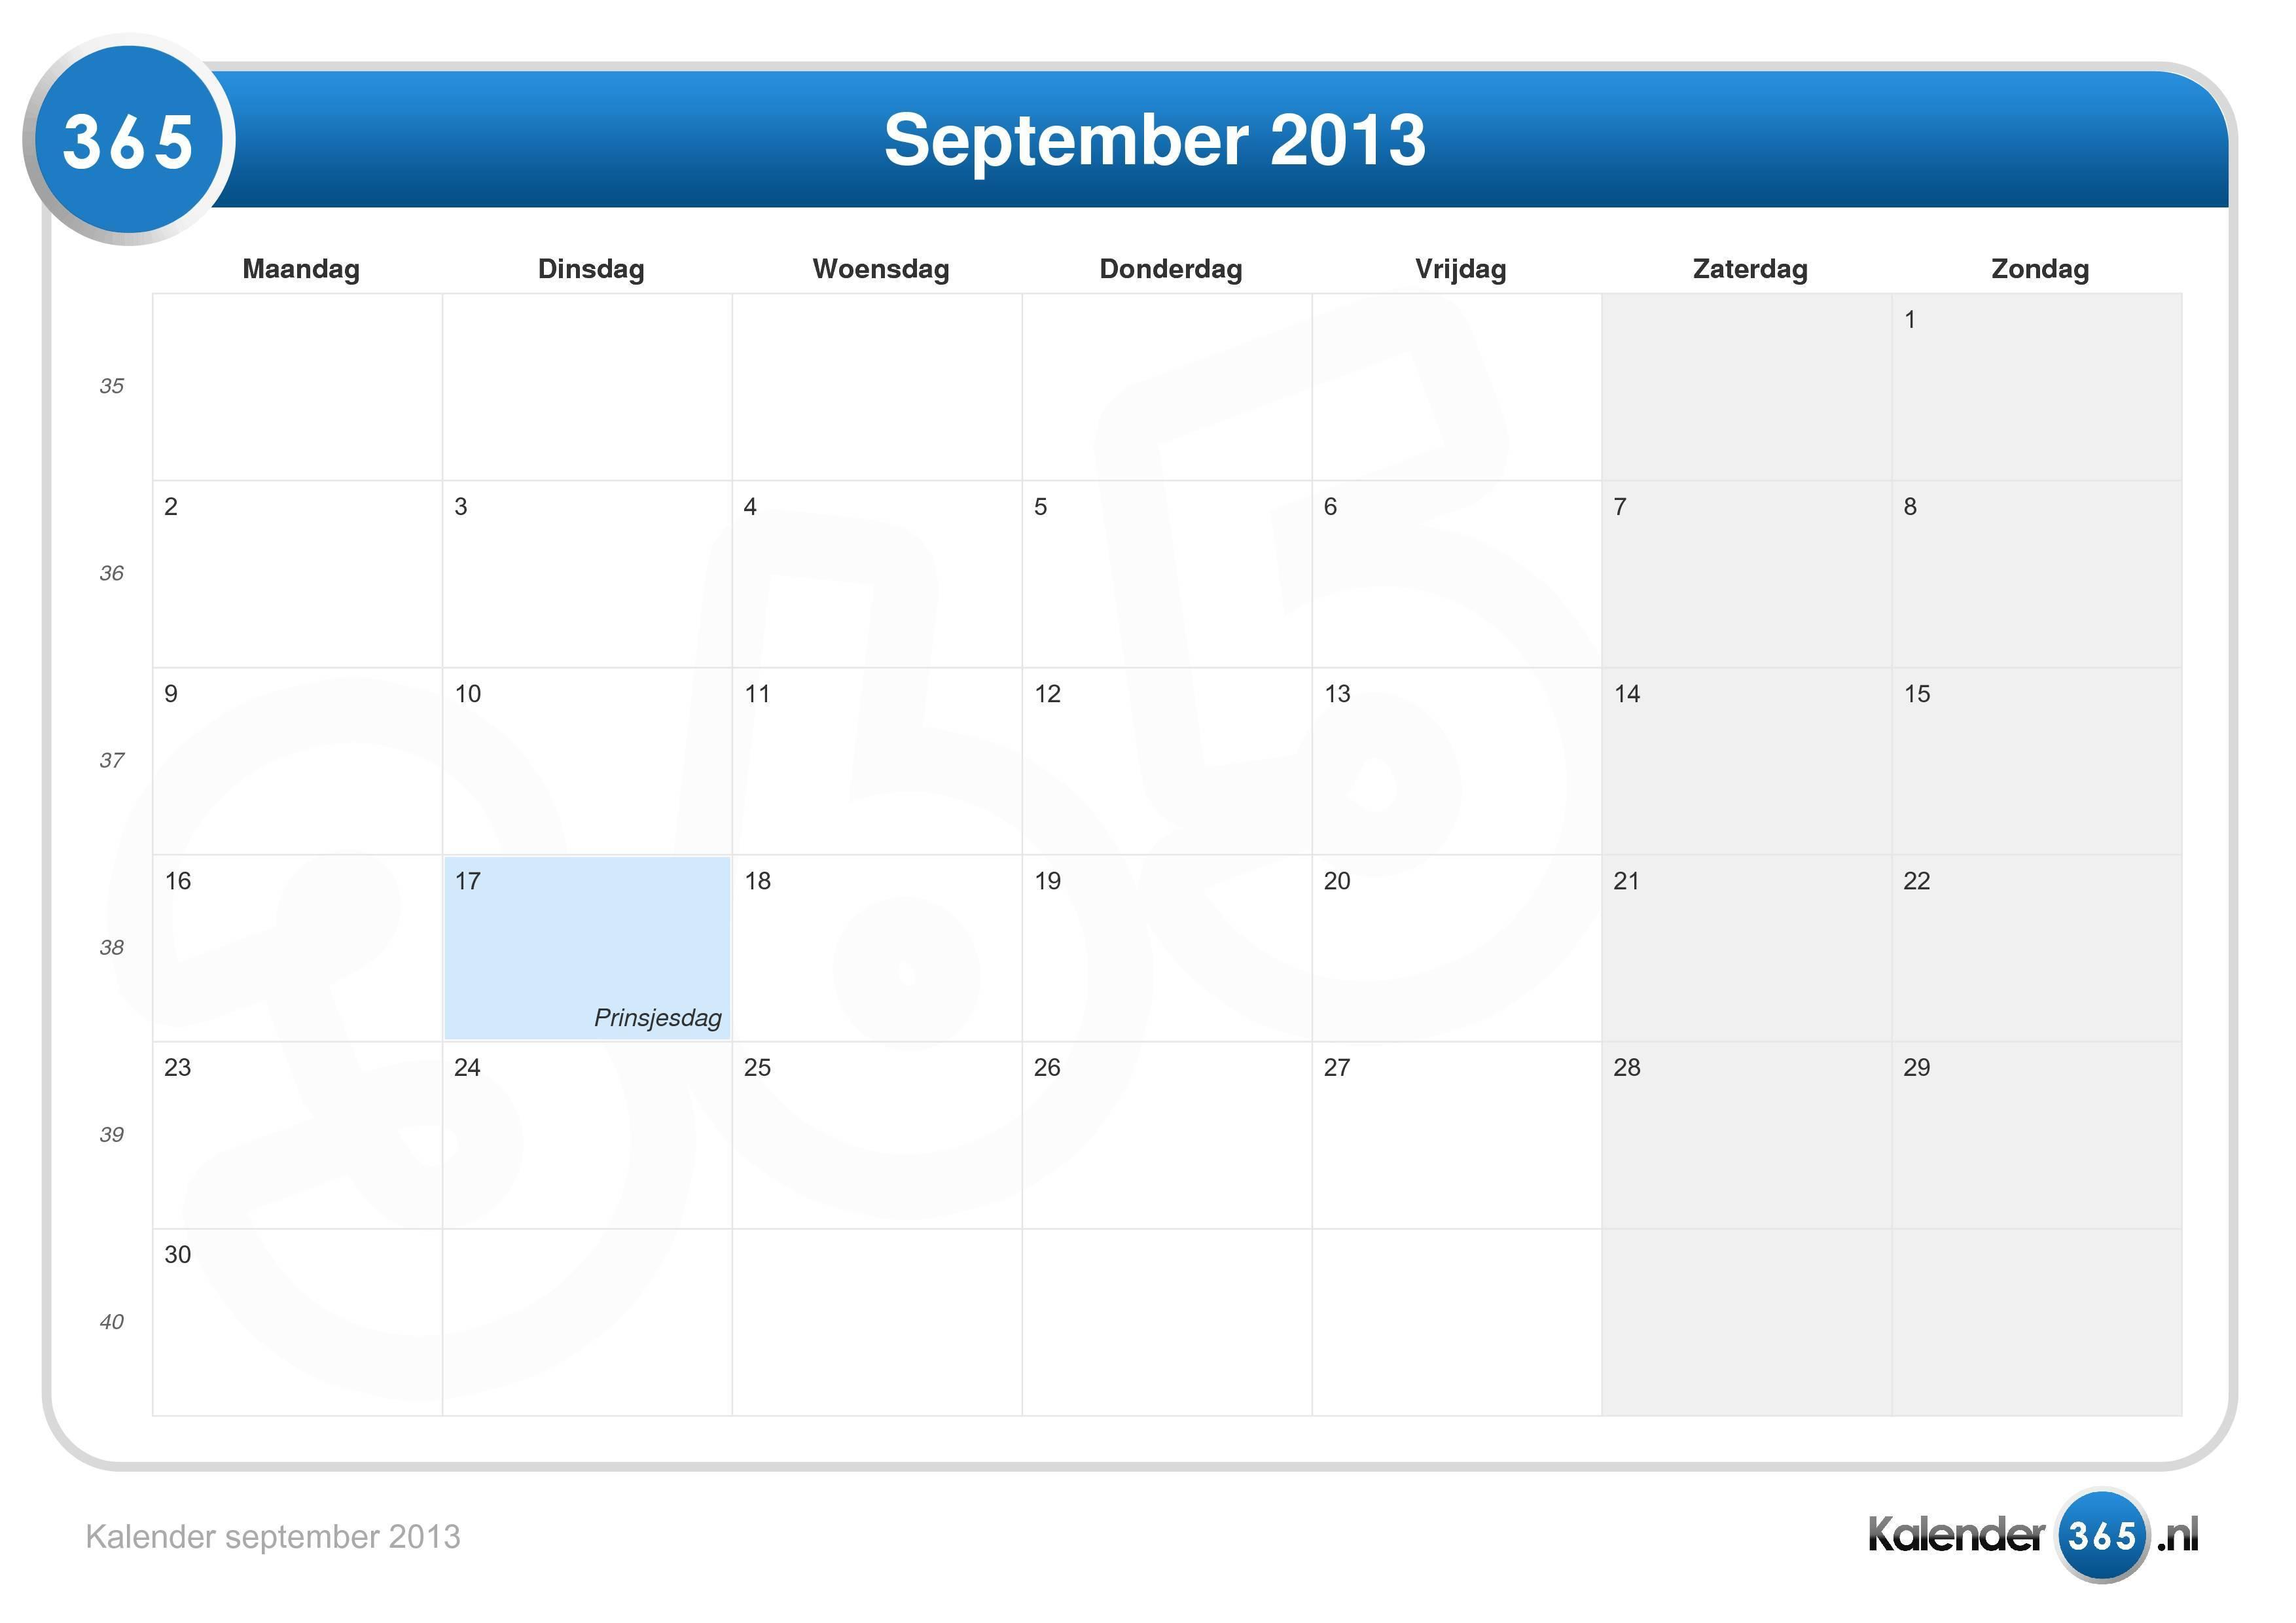 Kalender september 2013